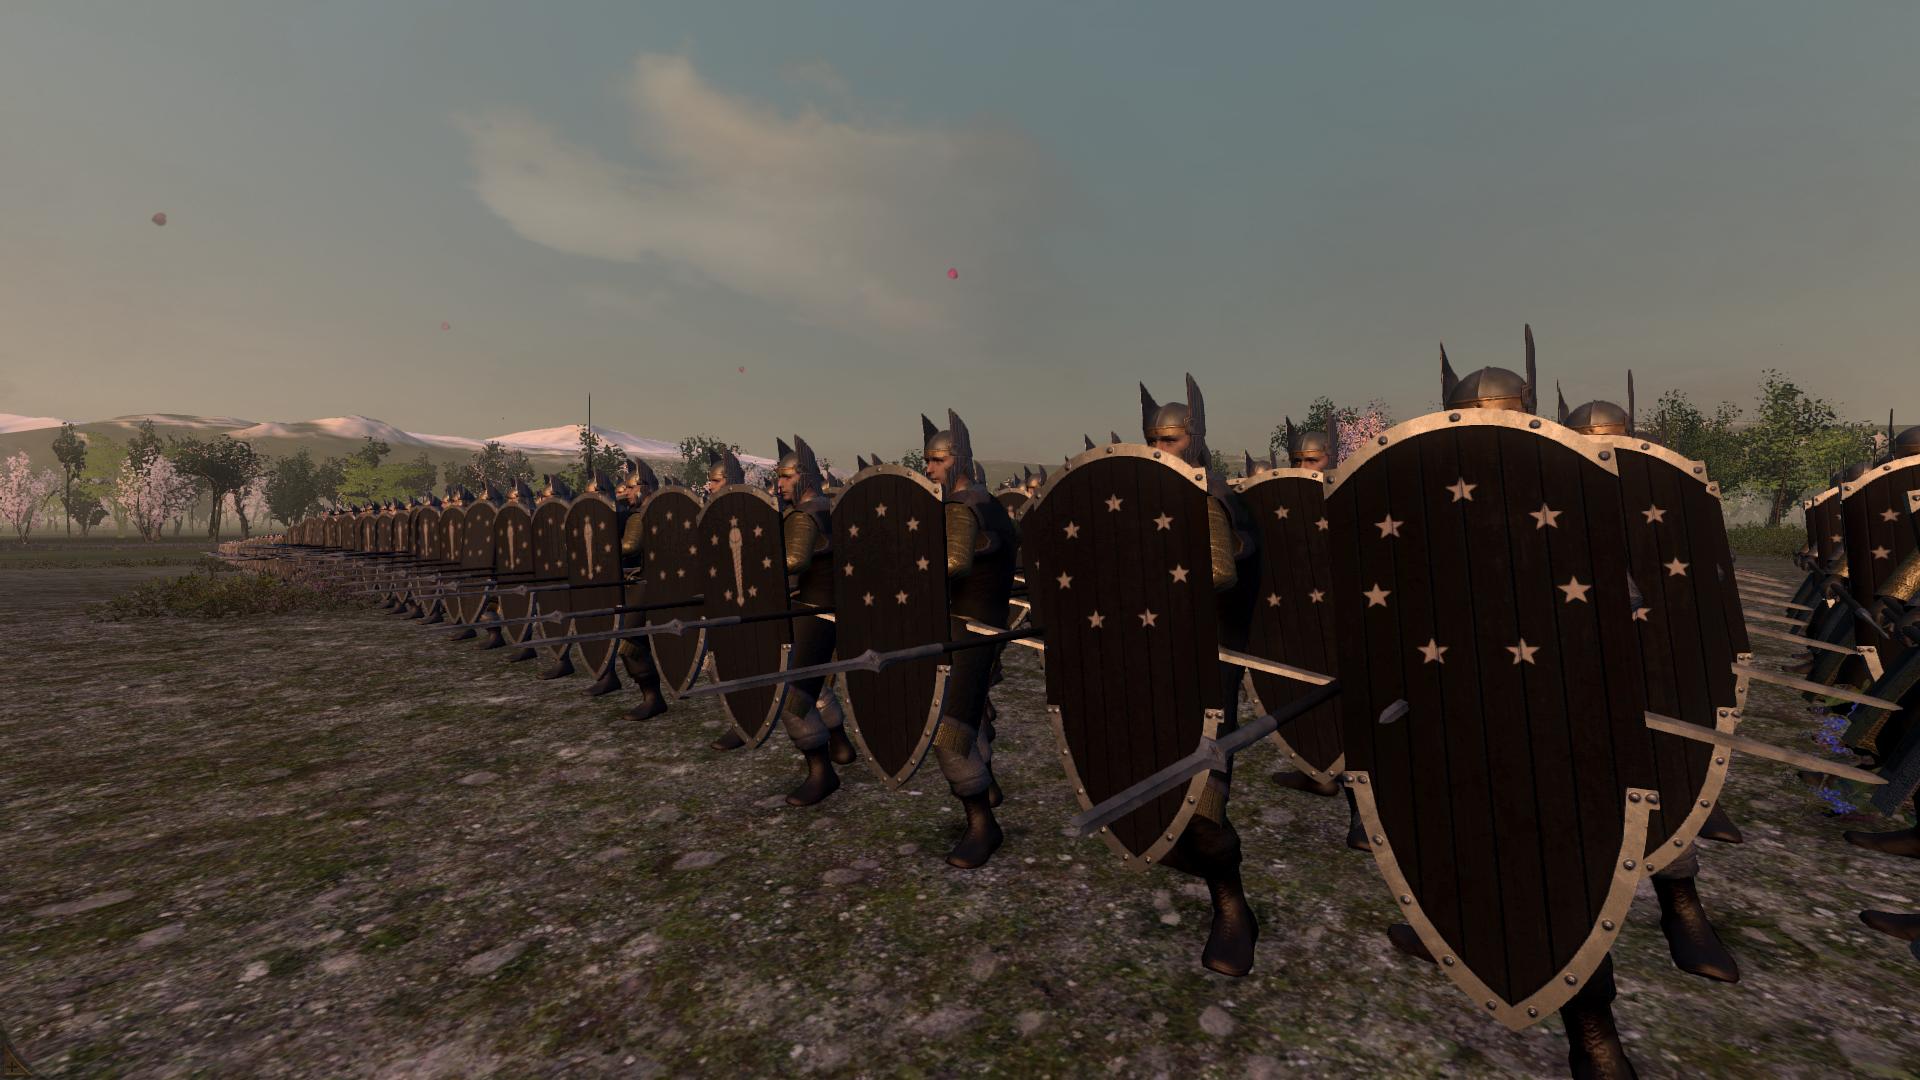 Numenorear Spearmen